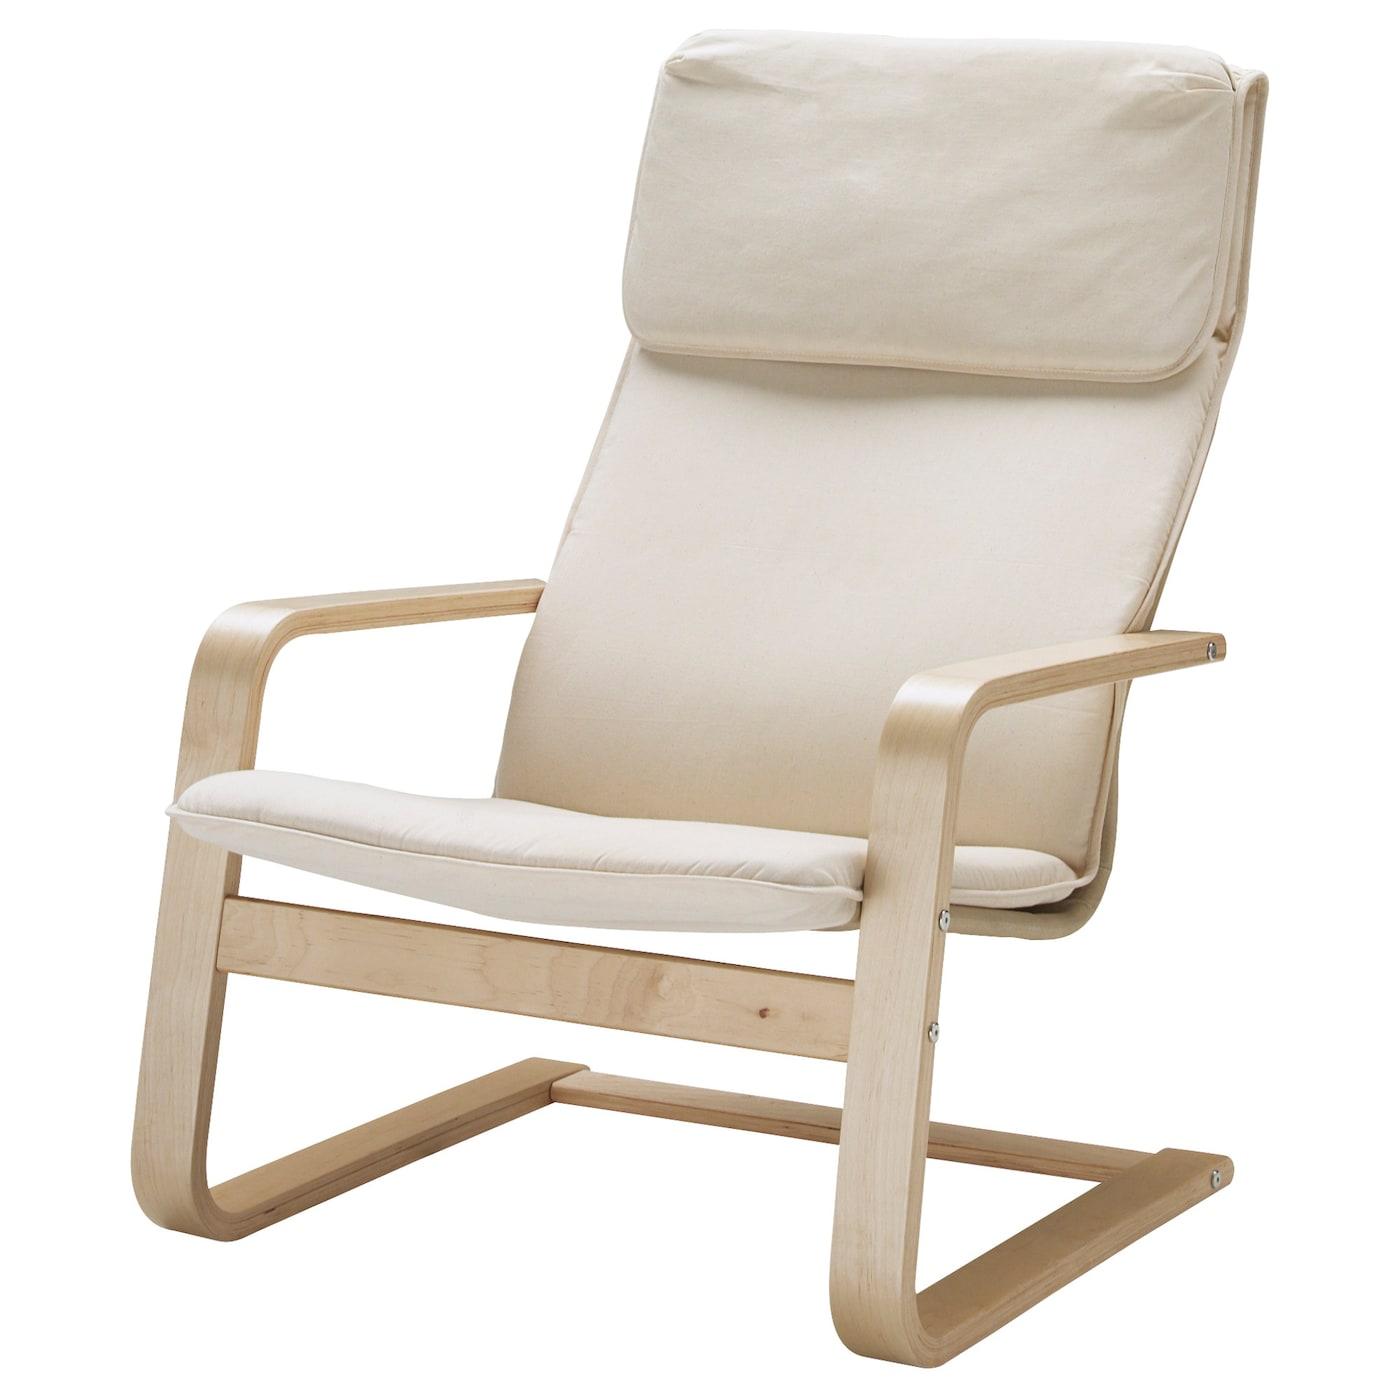 Full Size of Ikea Liegestuhl Pello Der Preisgnstige Gemtliche Freischwinger Sessel Küche Kaufen Miniküche Garten Kosten Sofa Mit Schlaffunktion Modulküche Betten 160x200 Wohnzimmer Ikea Liegestuhl